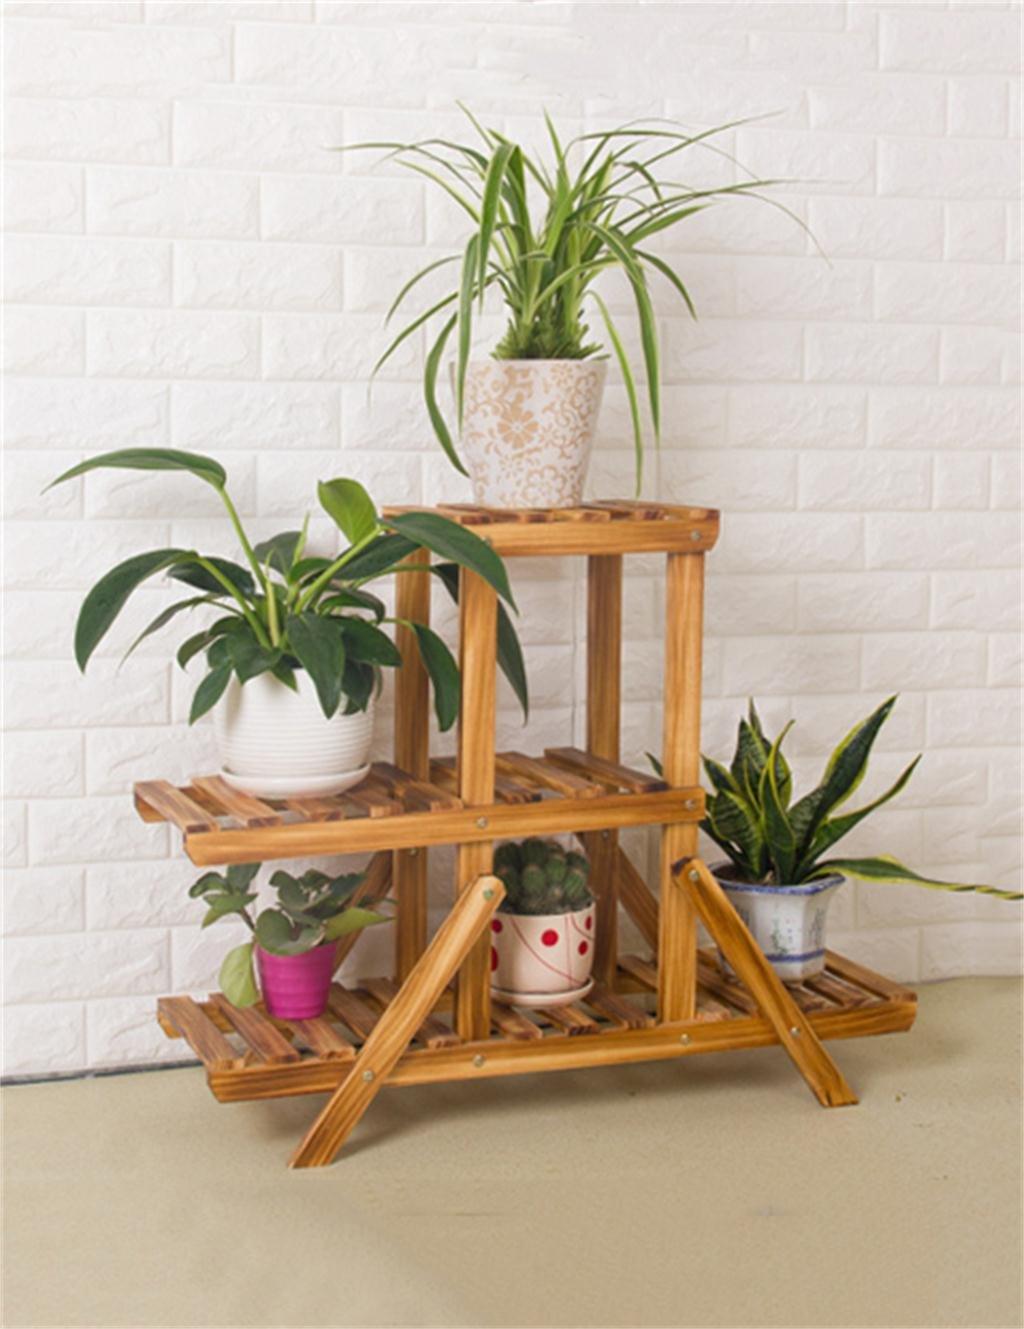 LX Multi-Tier Holzboden Blumentopf Regal, Pflanzen stehen, Blumenregal für Wohnzimmer, Balkon Bonsai-Rahmen ( größe : M )